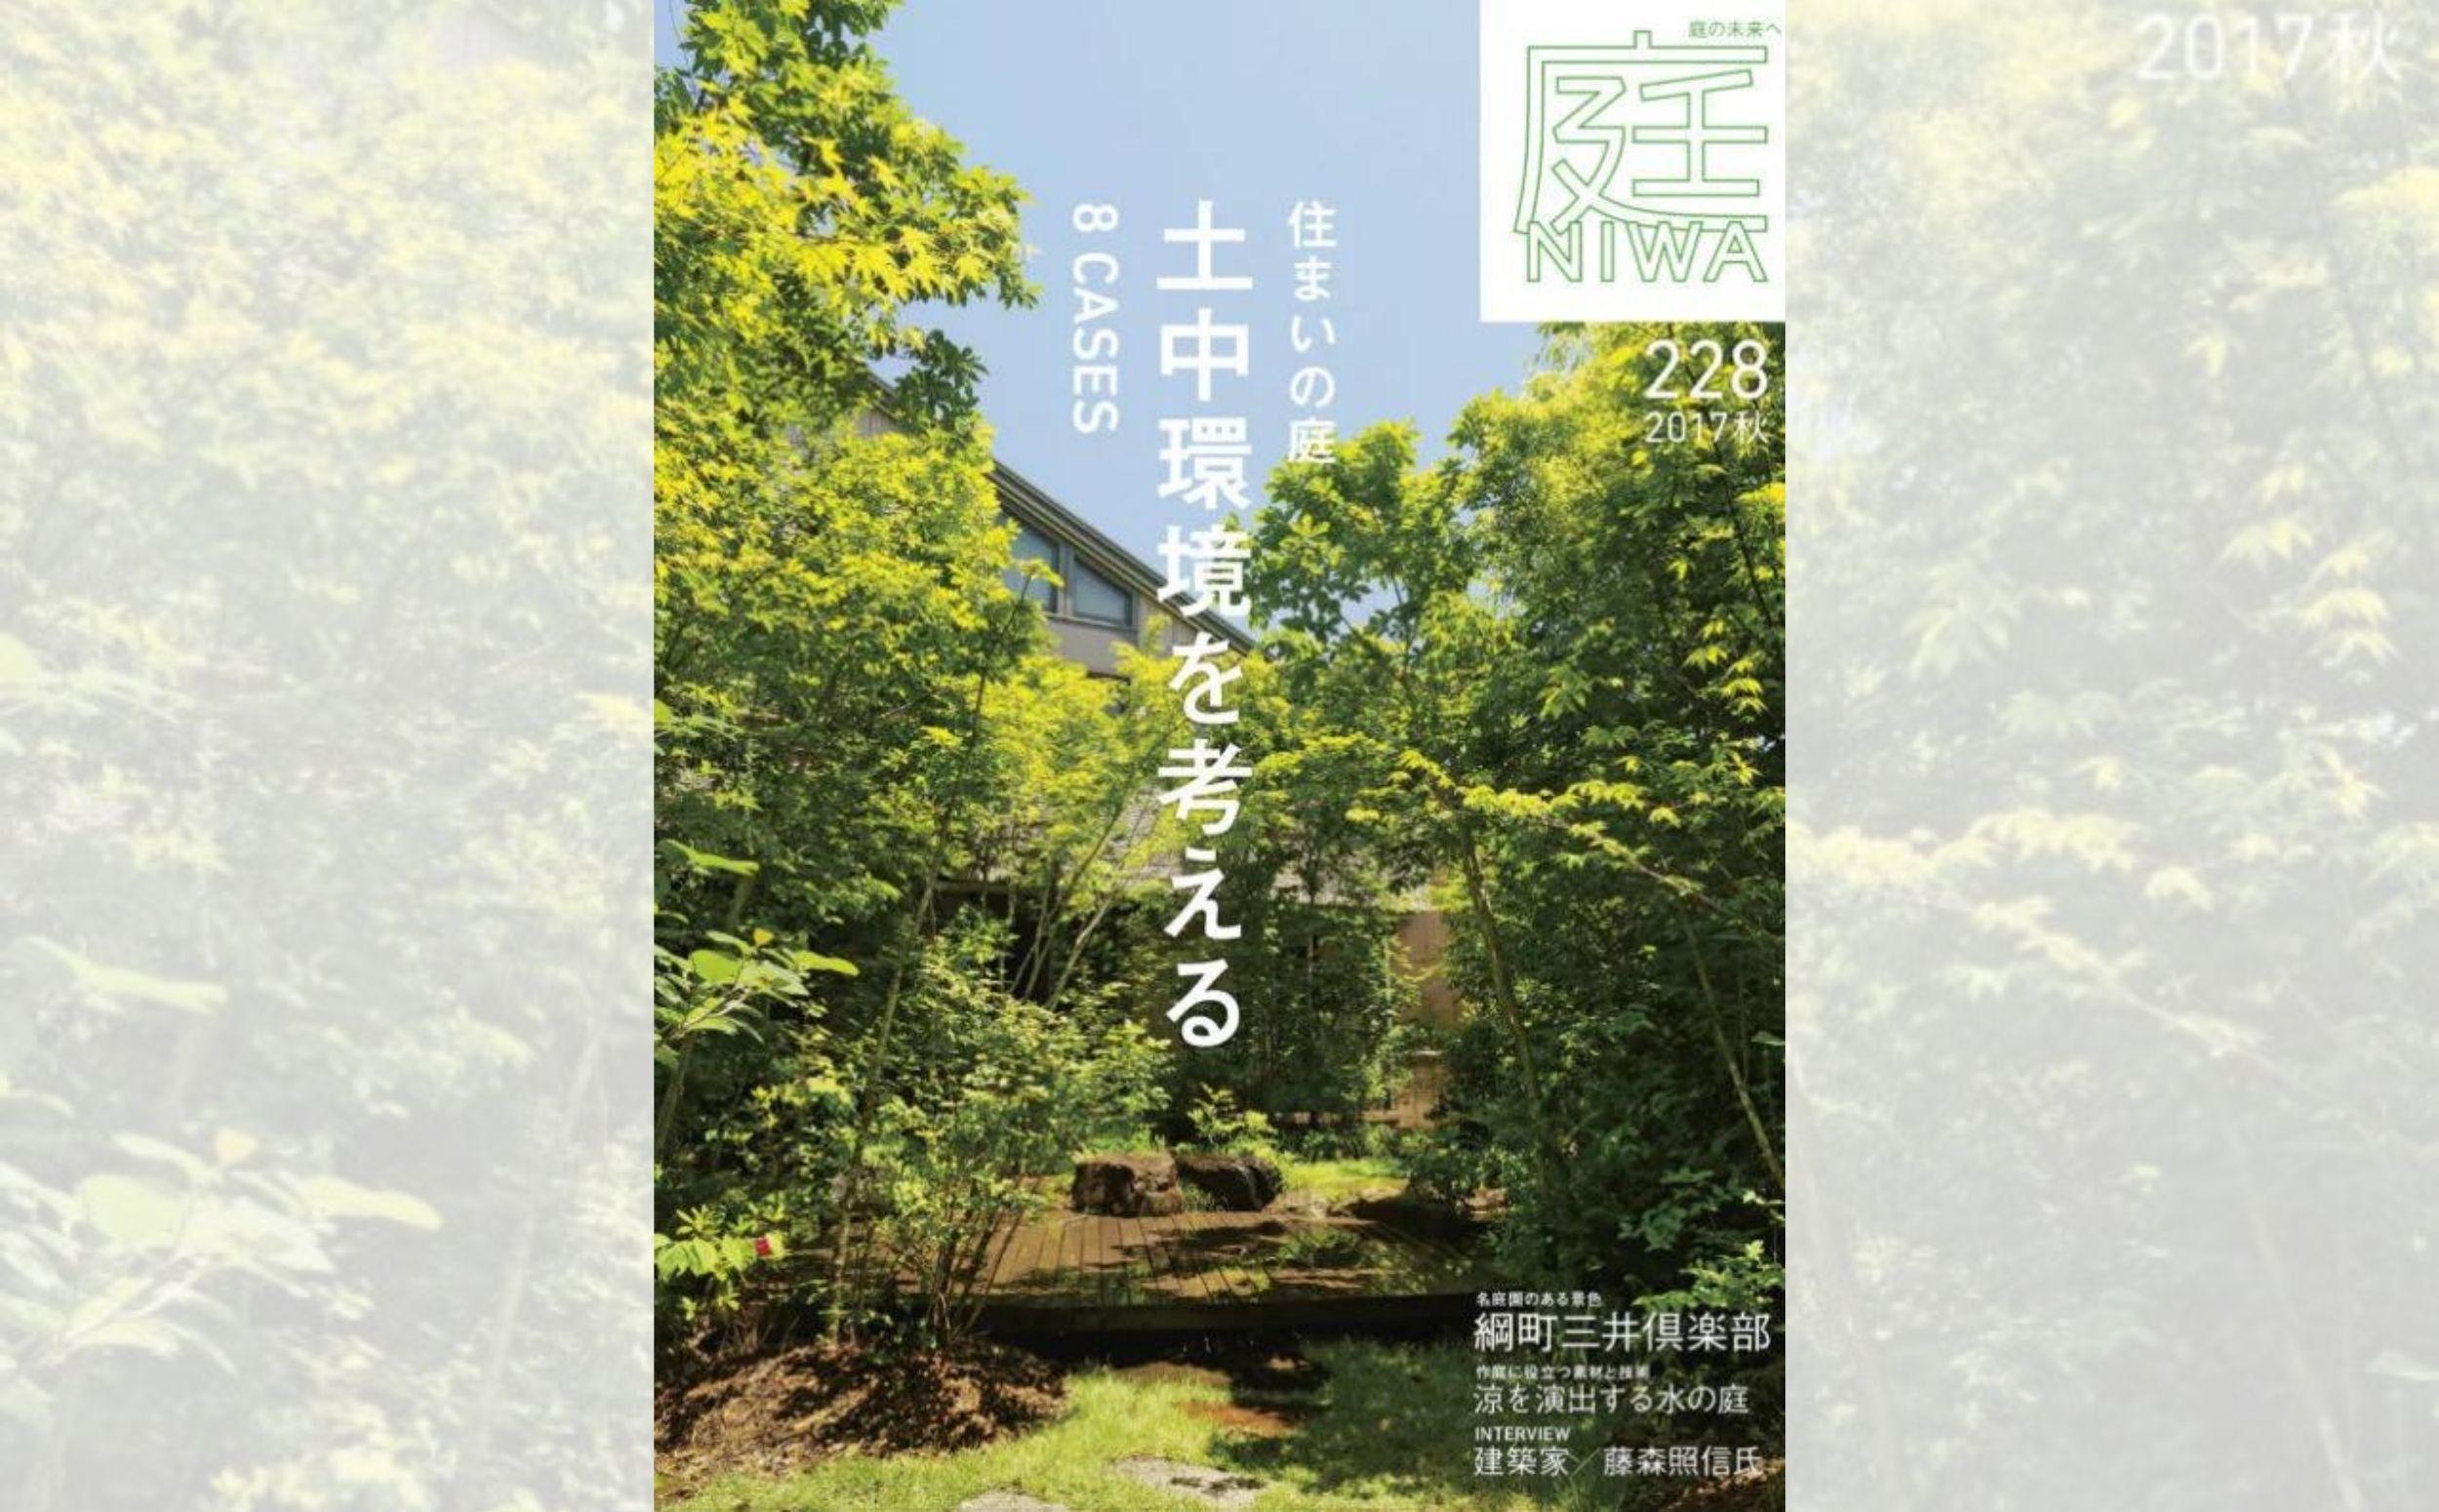 庭NIWA No.228 2017秋『住まいの庭 土中環境を考える』